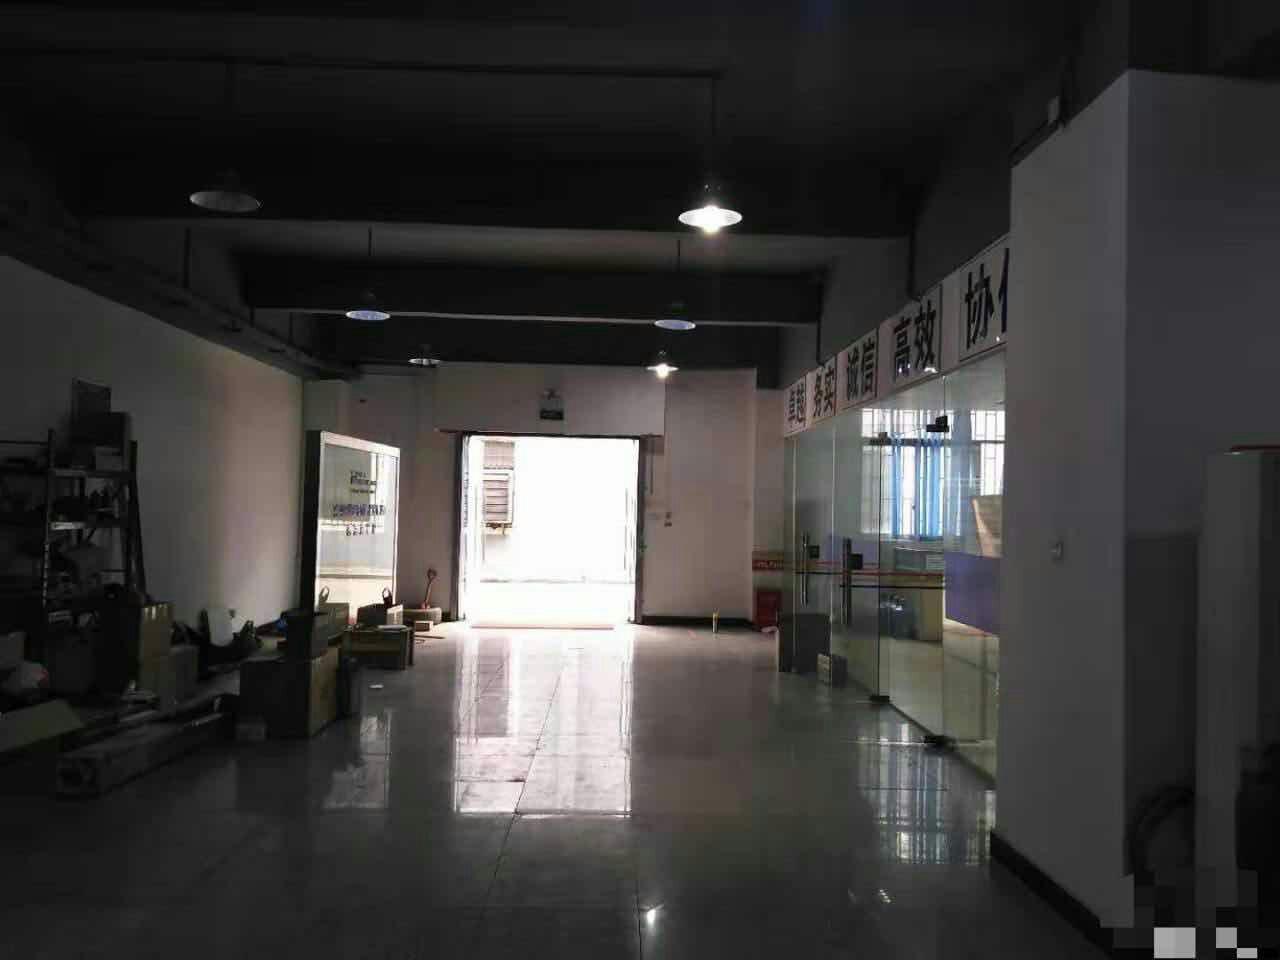 清溪三中一楼630平,模具,电池仓库首选,距离高速300米